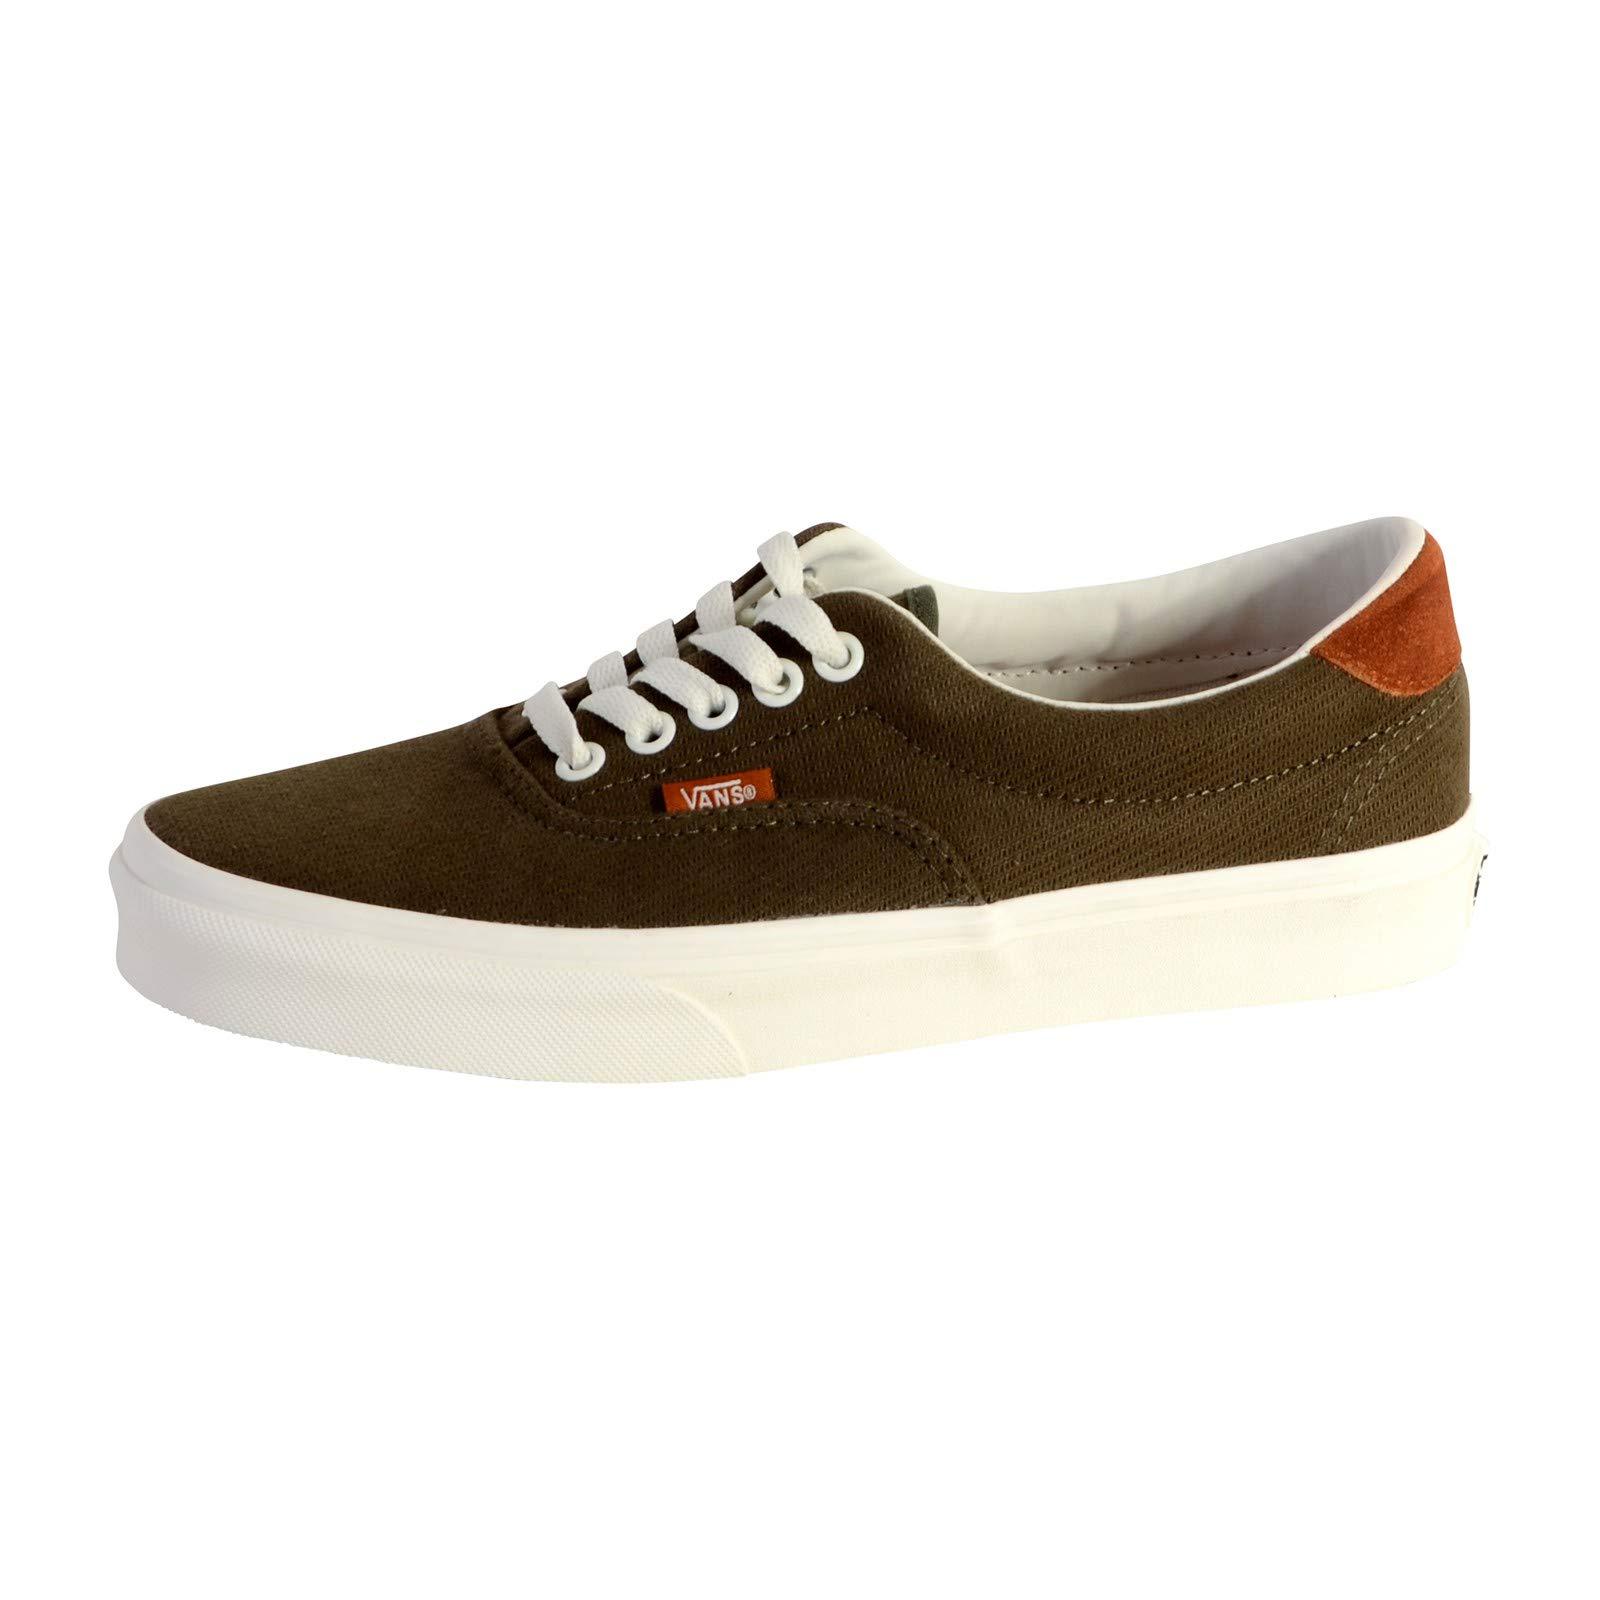 496e4718c63307 Galleon - VANS Unisex Era 59 Skate Shoes (Flannel Dusty Olive